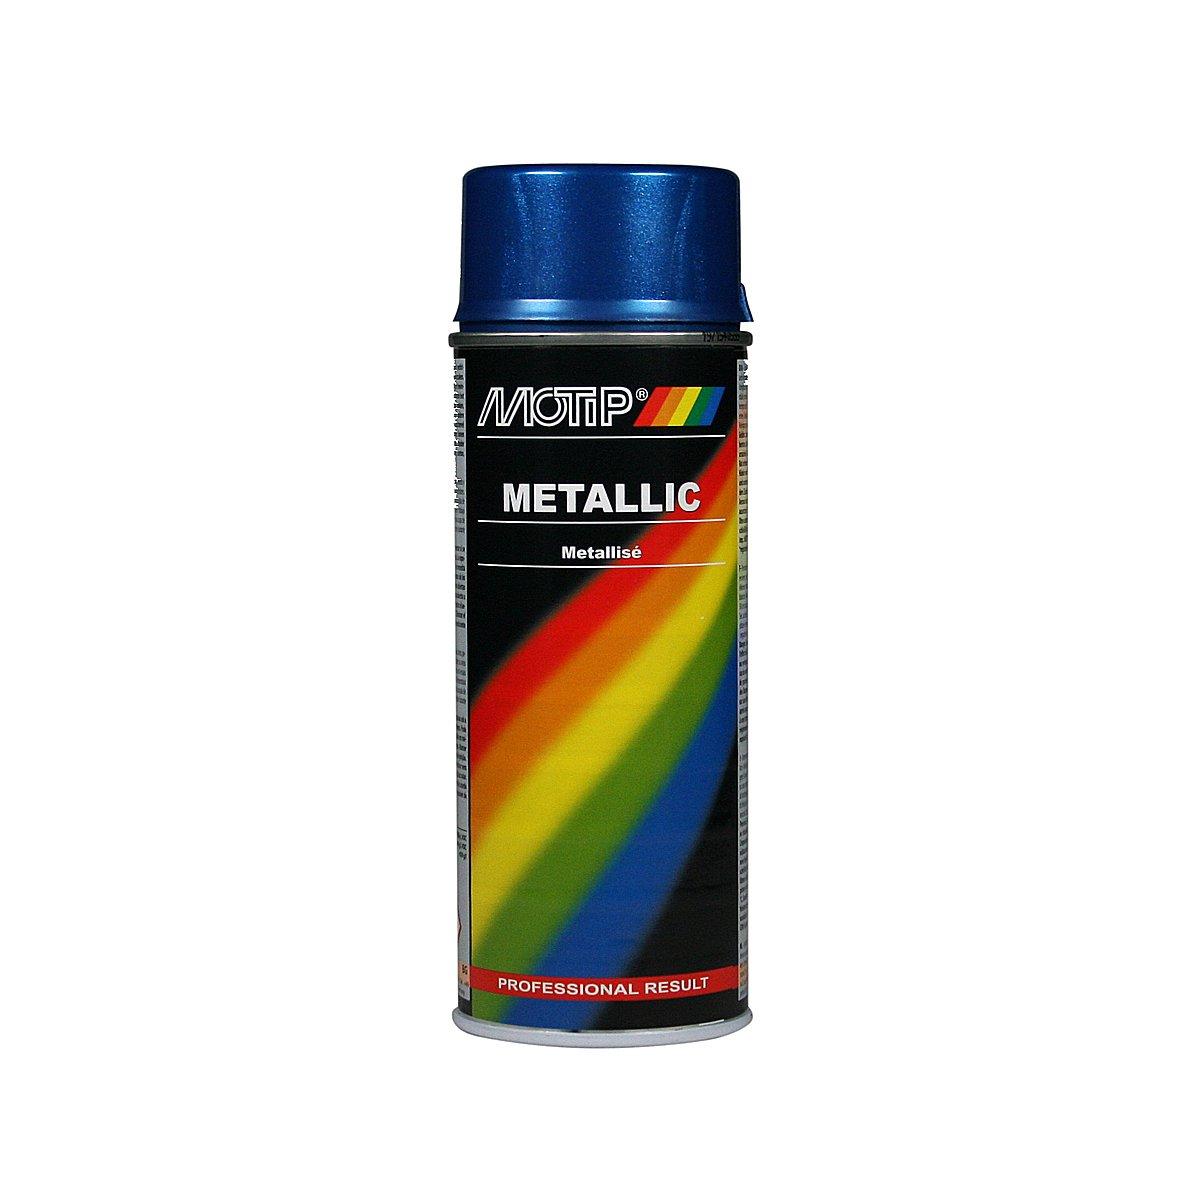 Motip Aerosol de pintura en spray M04043, 400 ml 400ml Motip Dupli Gmbh M04046